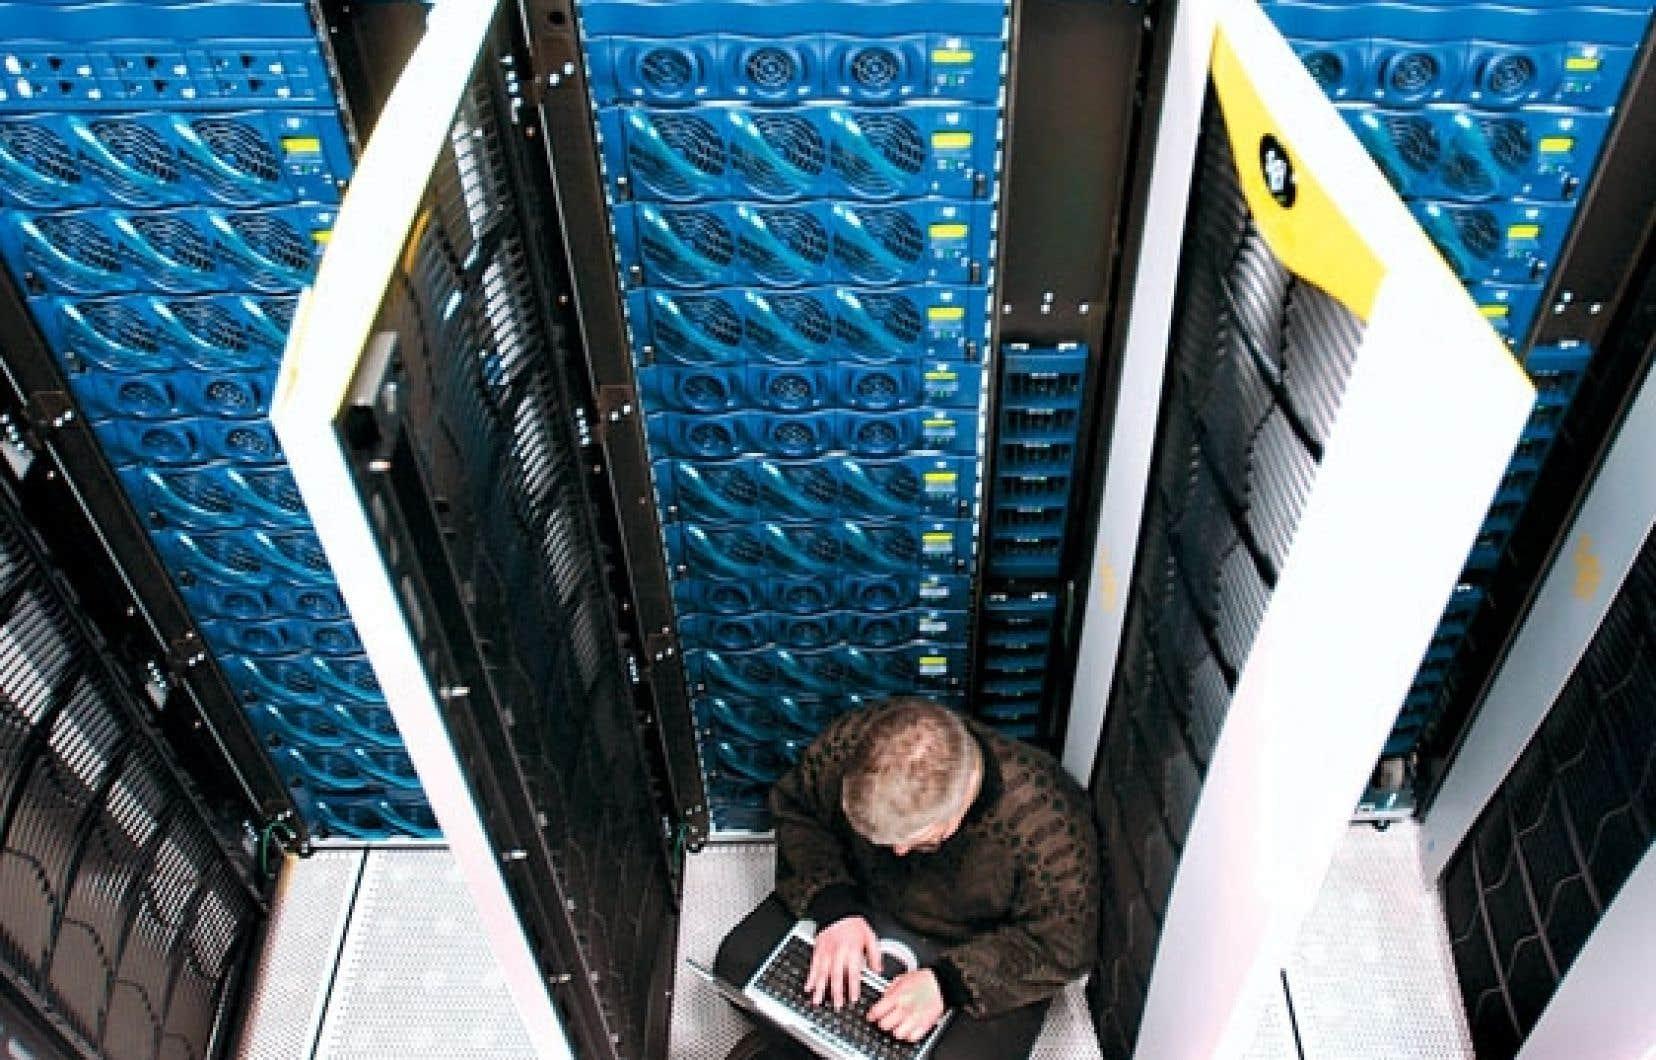 Une formidable masse d'information en format binaire est générée chaque jour, tant par les gouvernements et les services publics que par les humains eux-mêmes socialisant par ordinateurs et tablettes interposés.